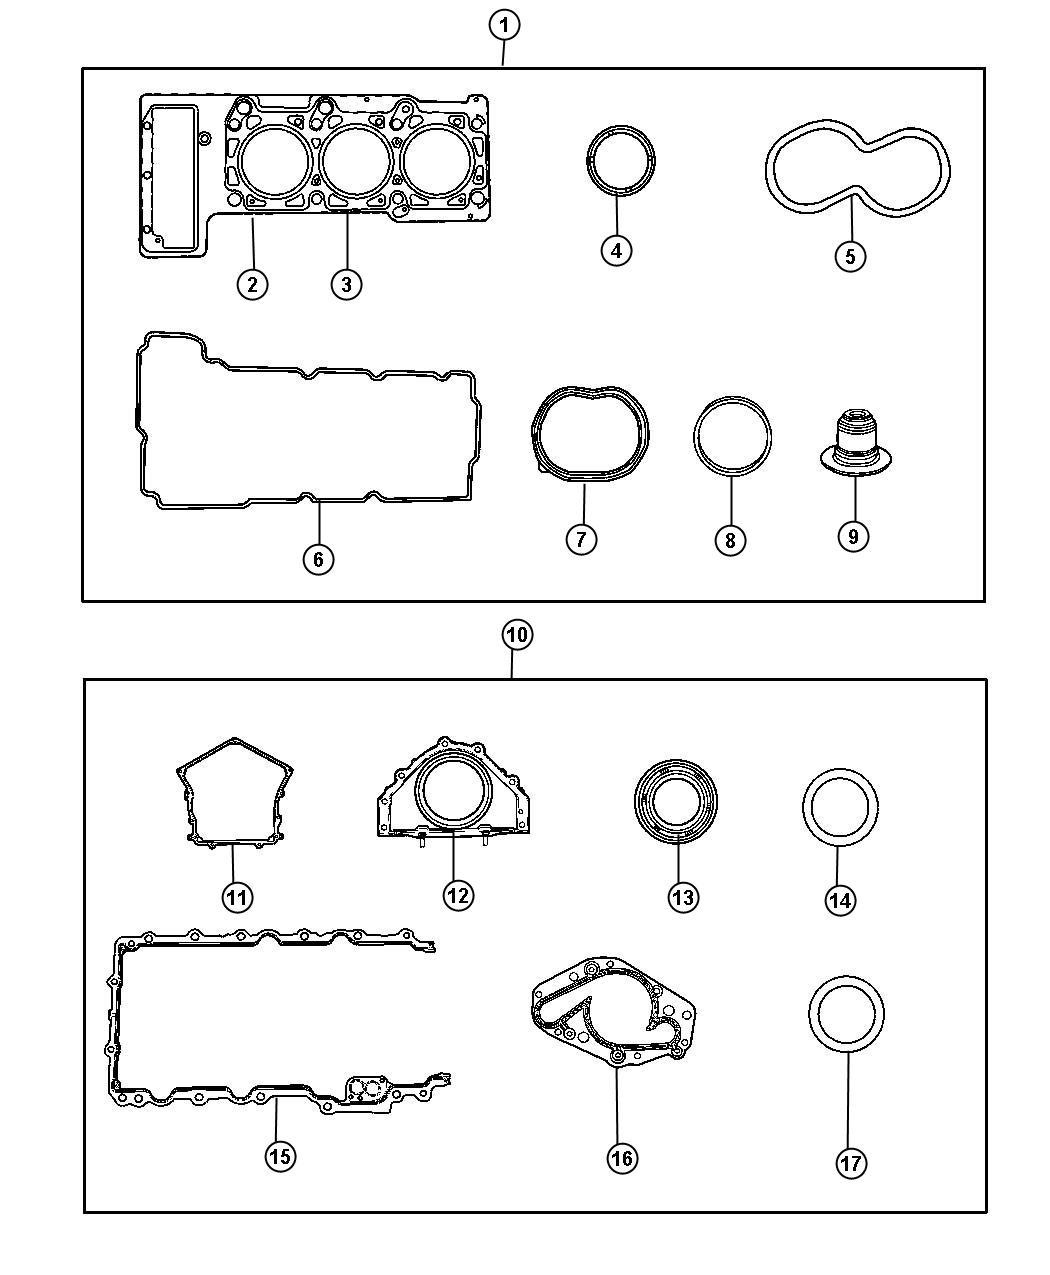 Bing Maps V6 3 To V8 Migration Guide: 2005 Chrysler Sebring Gasket Package. Cylinder Head Cover